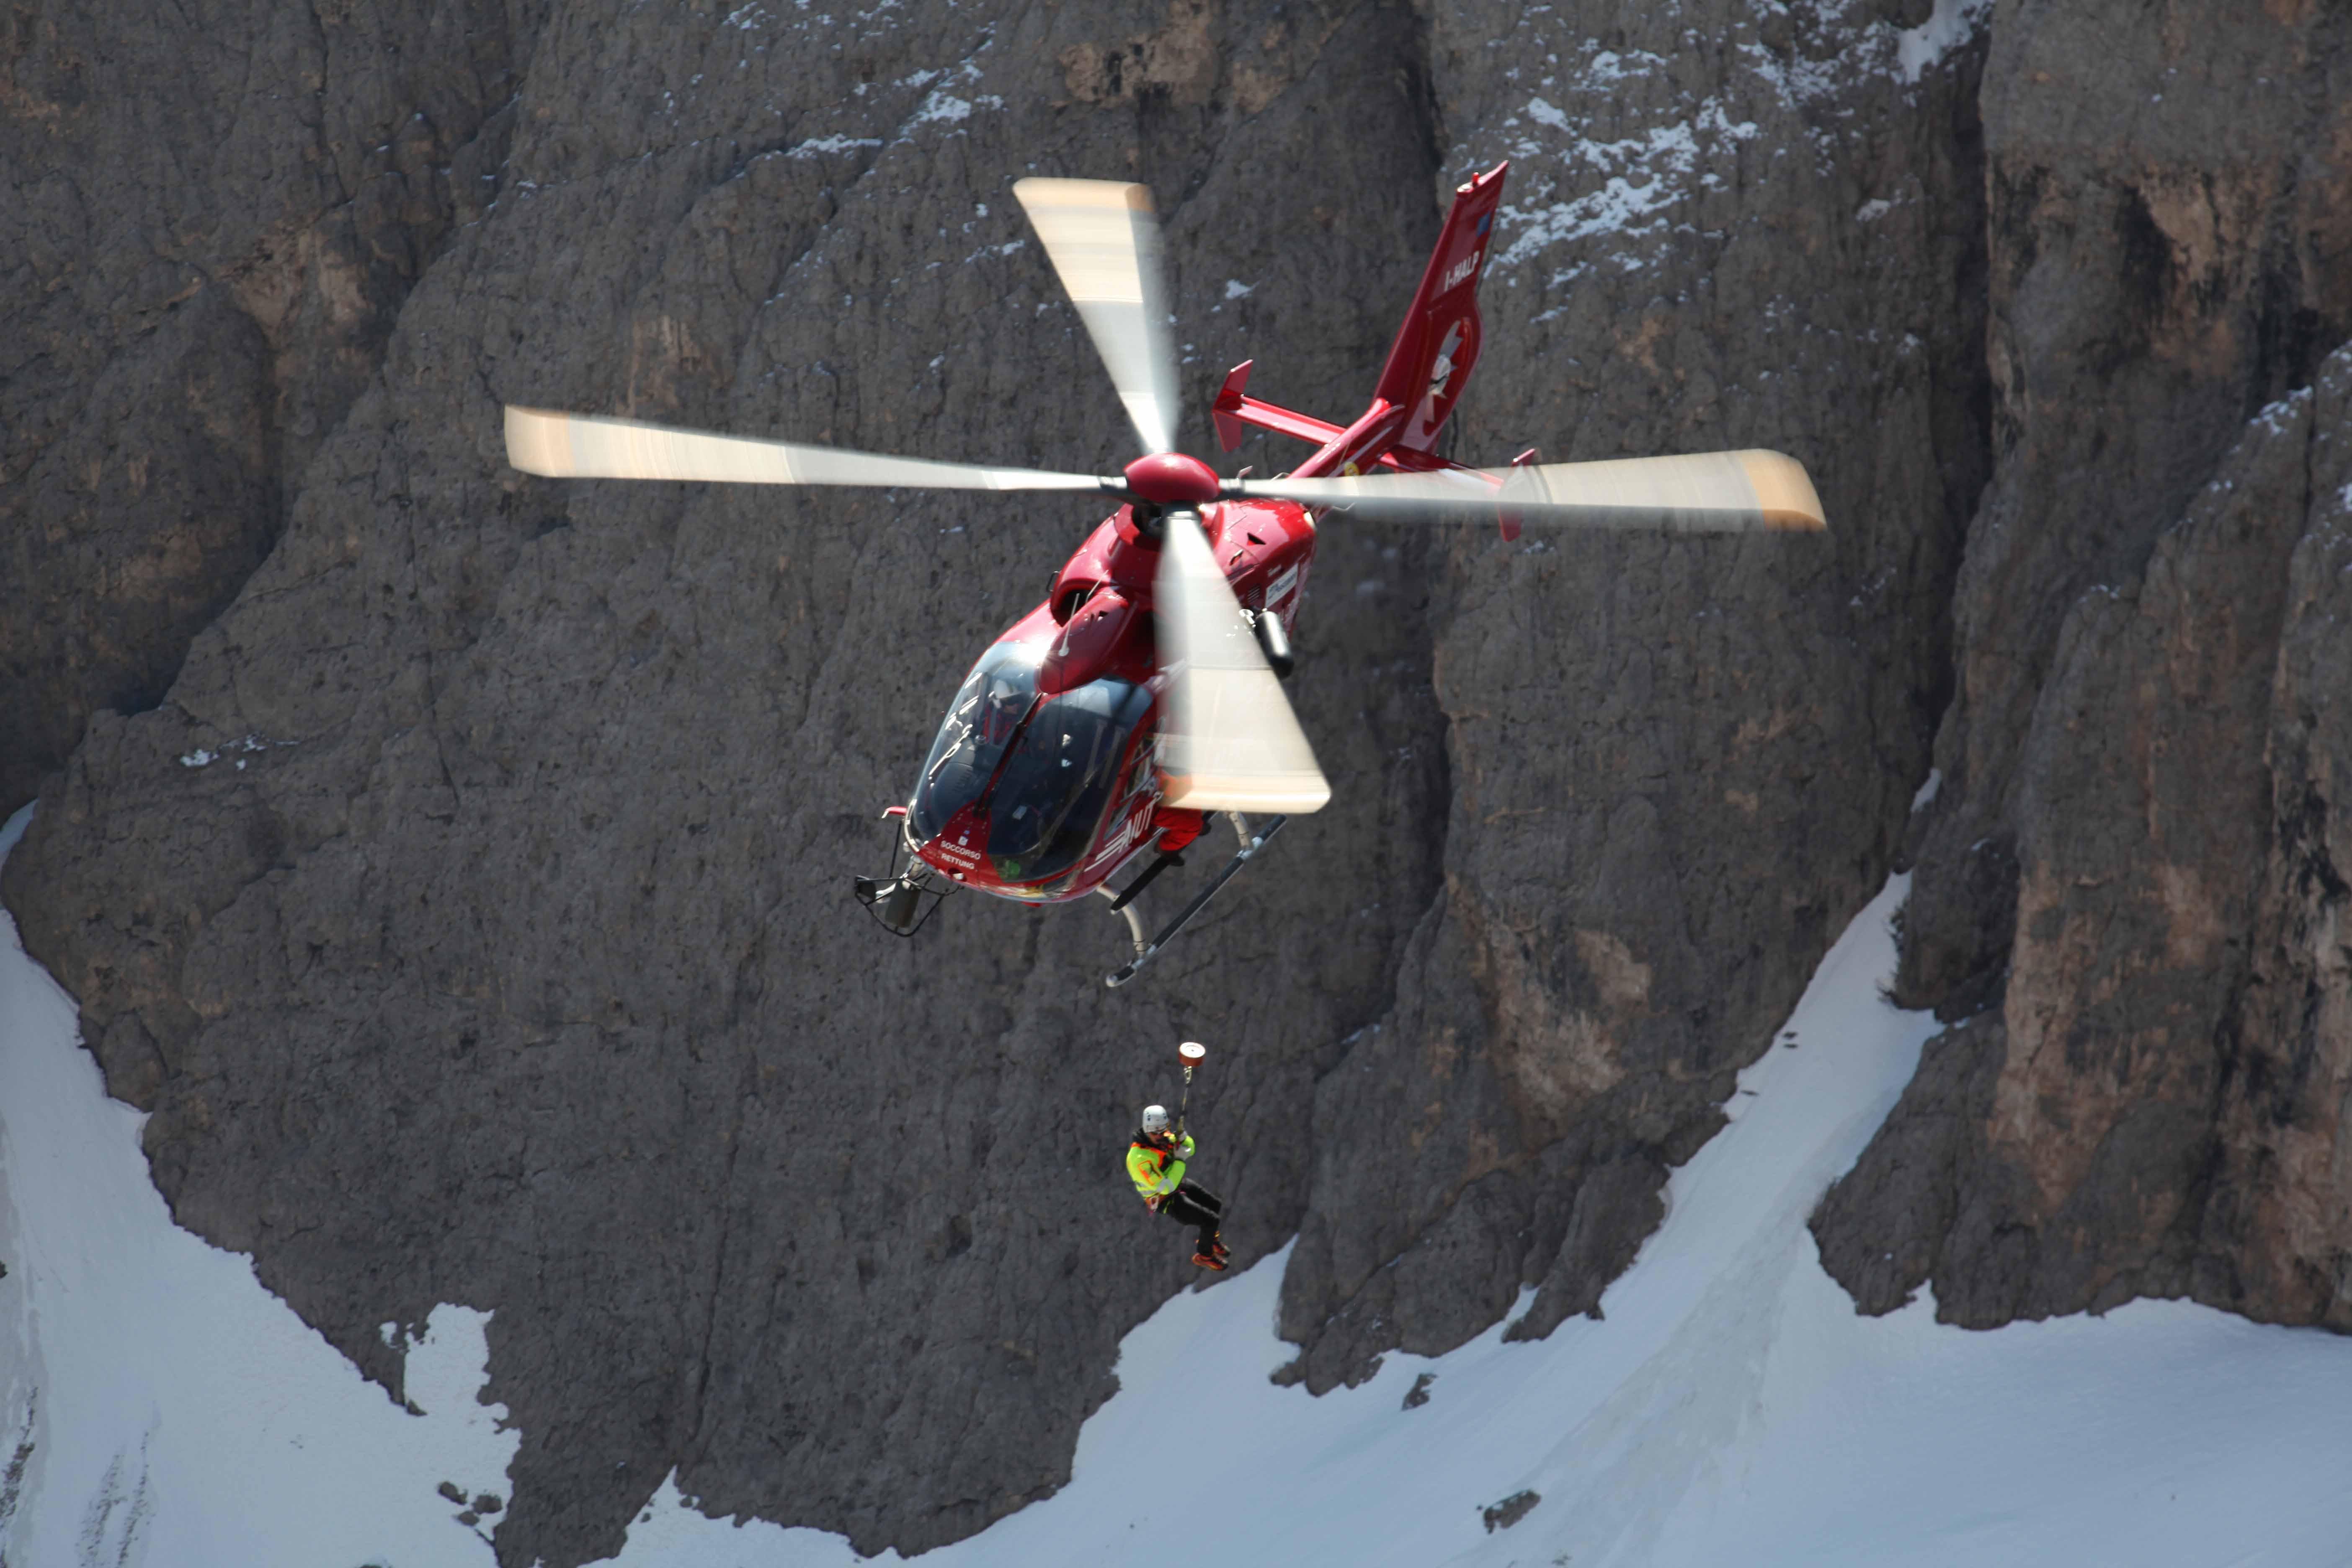 Cavalieri della Repubblica, fra gli Eroi normali anche Kostner, il fondatore dell'Aiut Alpin | Emergency Live 11